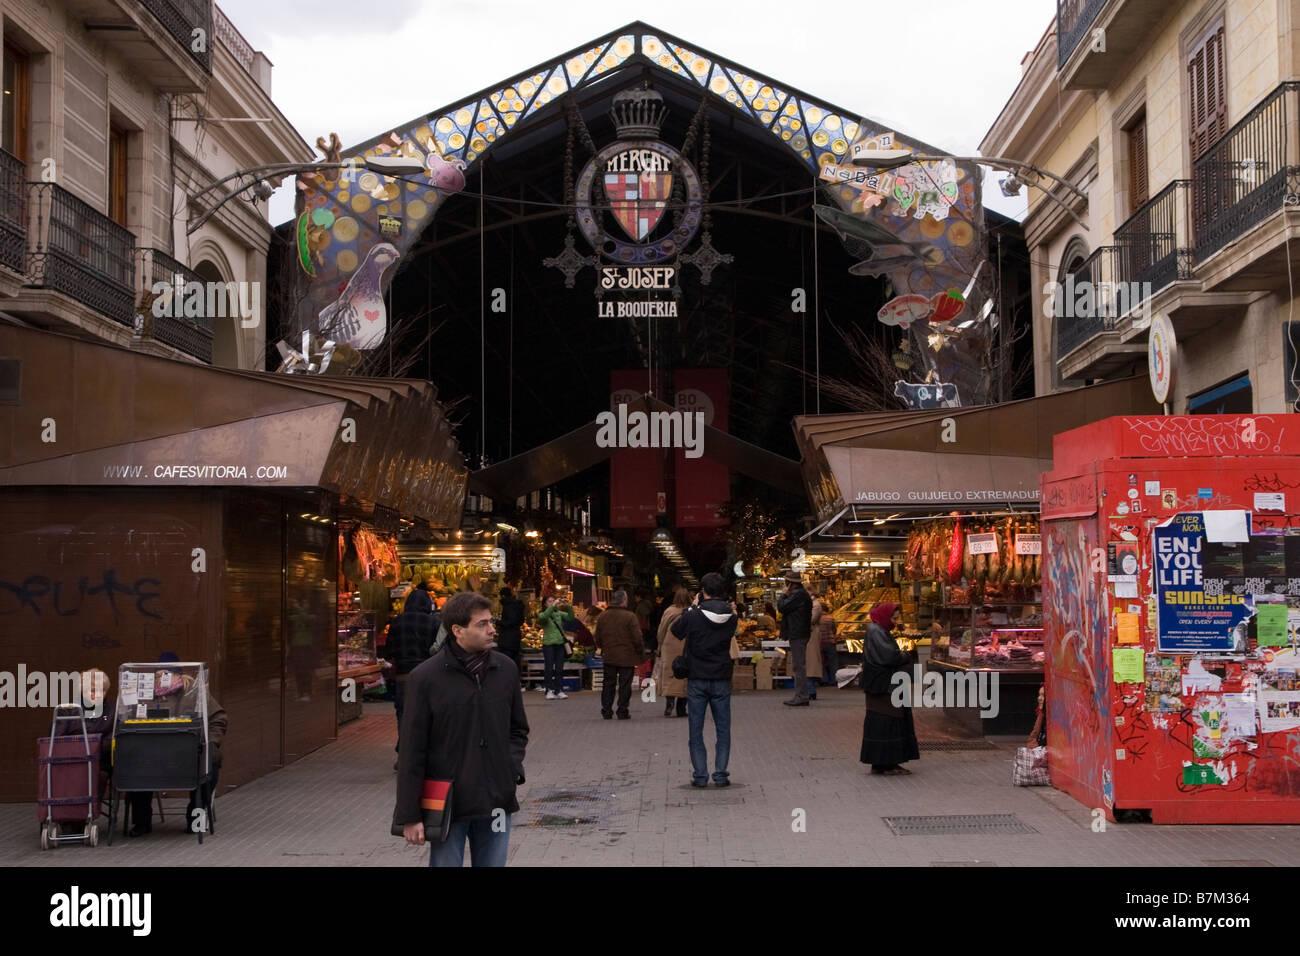 Entrée de la boqueria à Barcelone Espagne Photo Stock